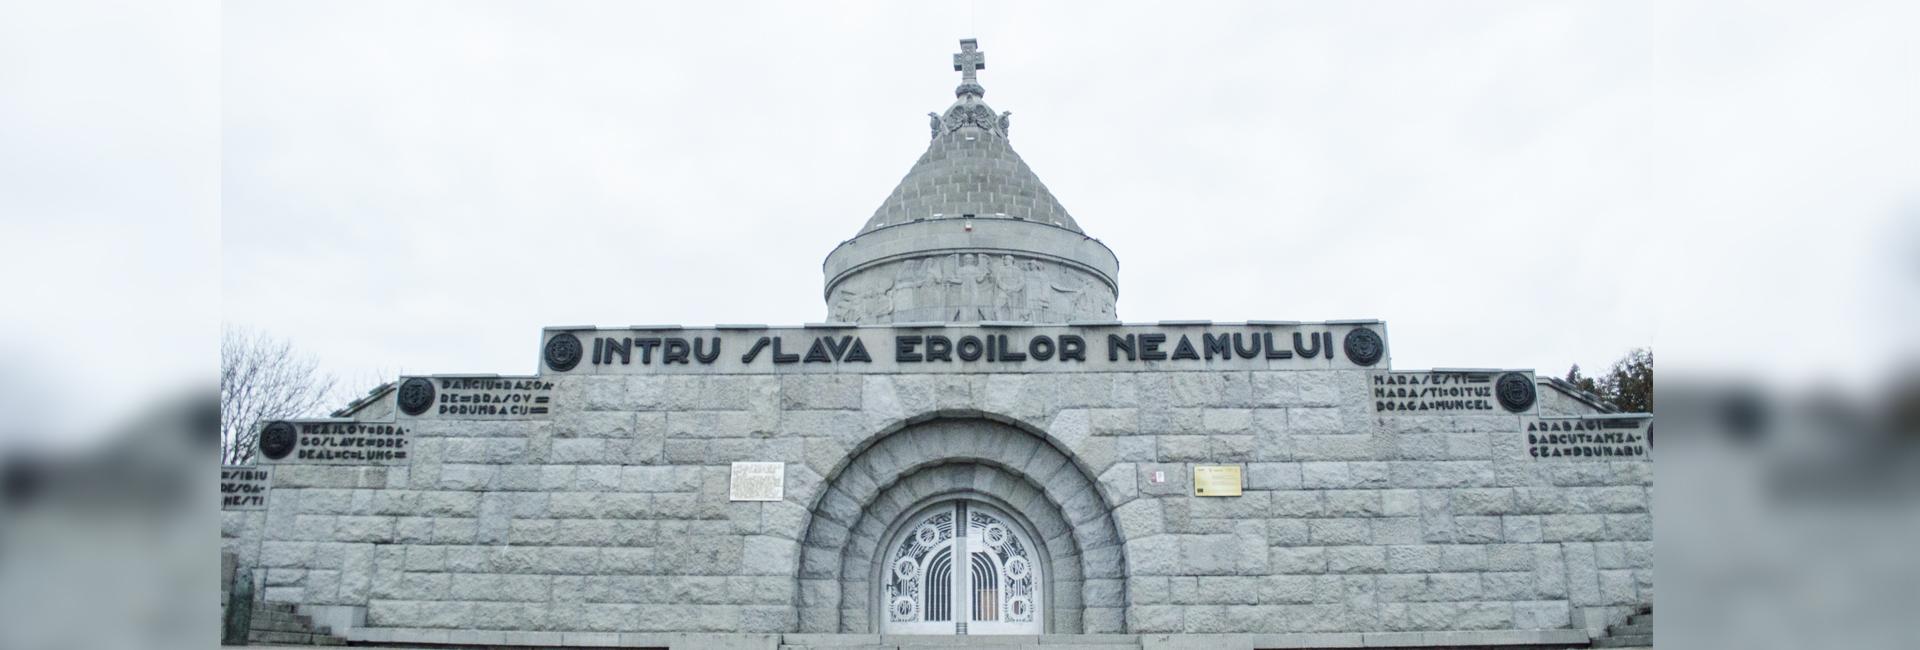 Ziua Eroilor Mausoleul de la Marasesti (10)